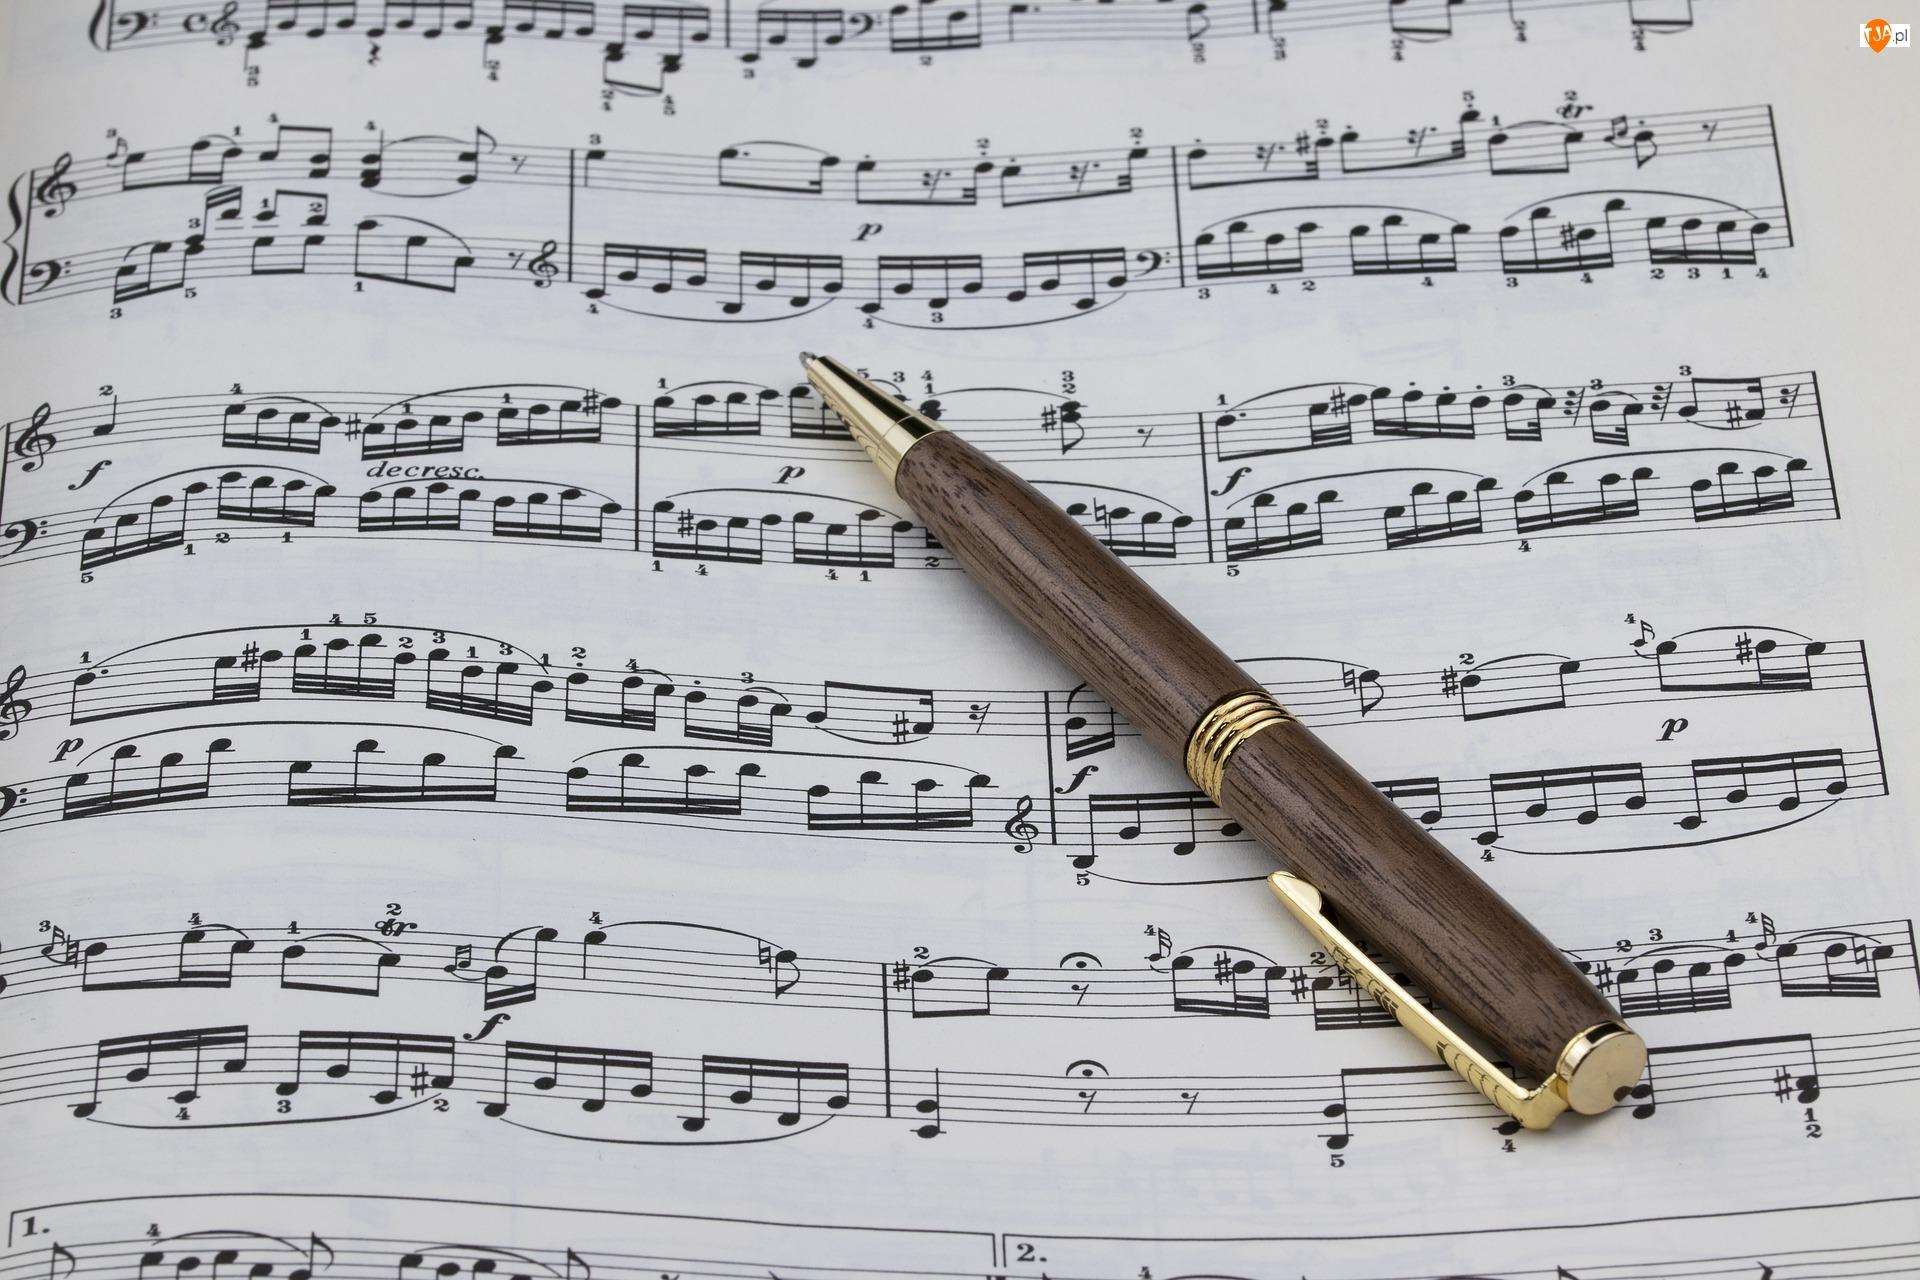 Długopis, Muzyka, Nuty